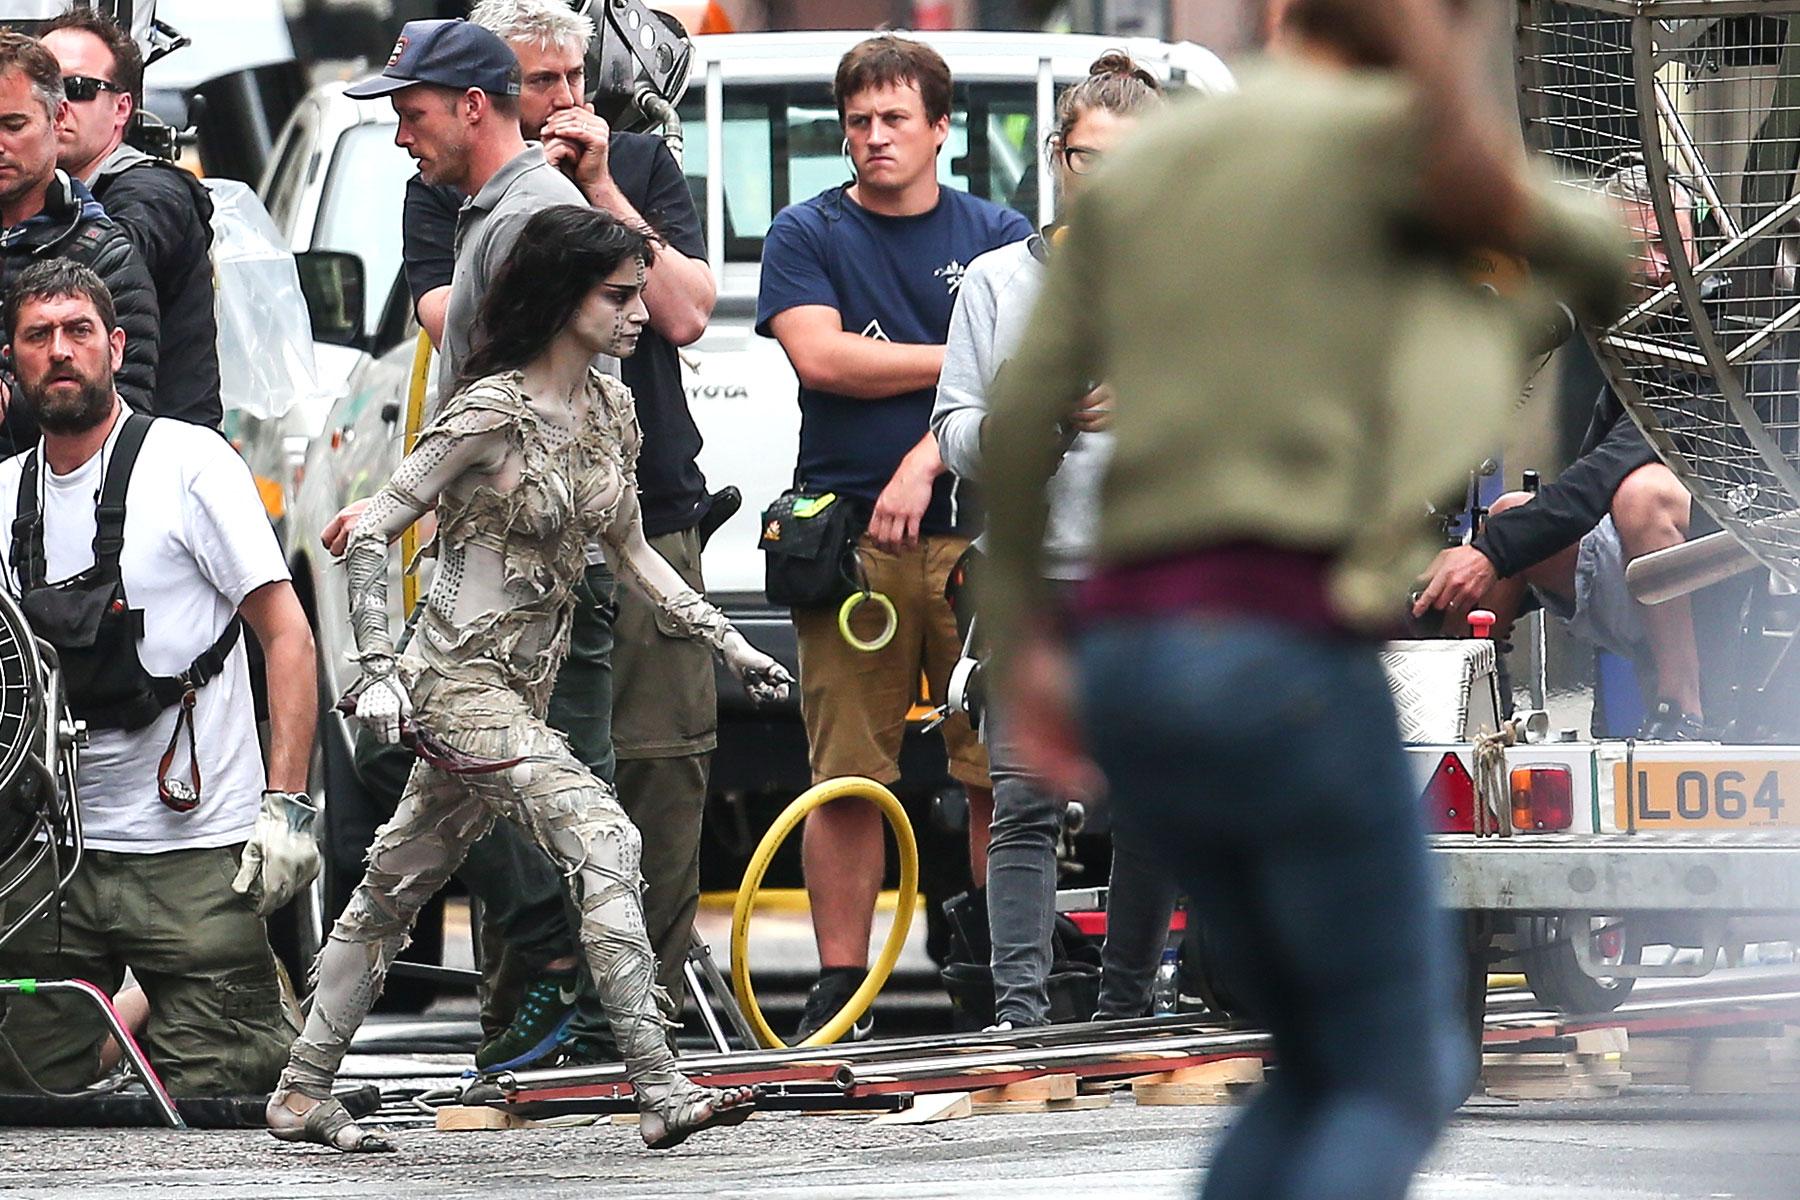 """Sofia Boutella films a scene for """"The Mummy"""" in central London Featuring: Sofia Boutella Where: London, United Kingdom When: 10 Jul 2016 Credit: WENN.com"""